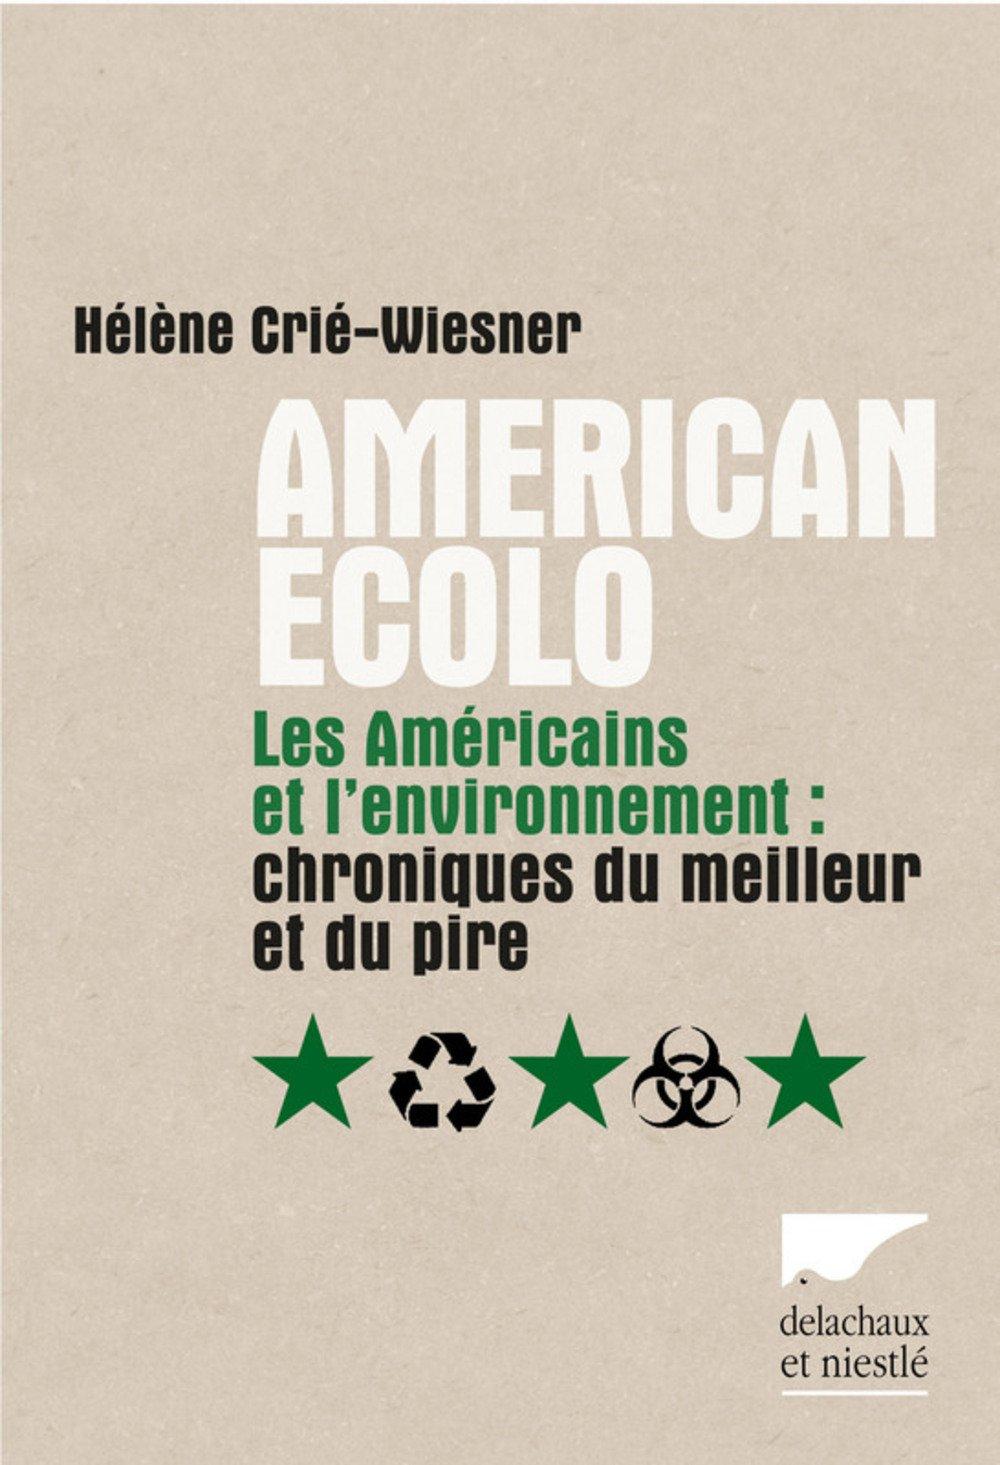 American écolo : Les américains et l'environneme...